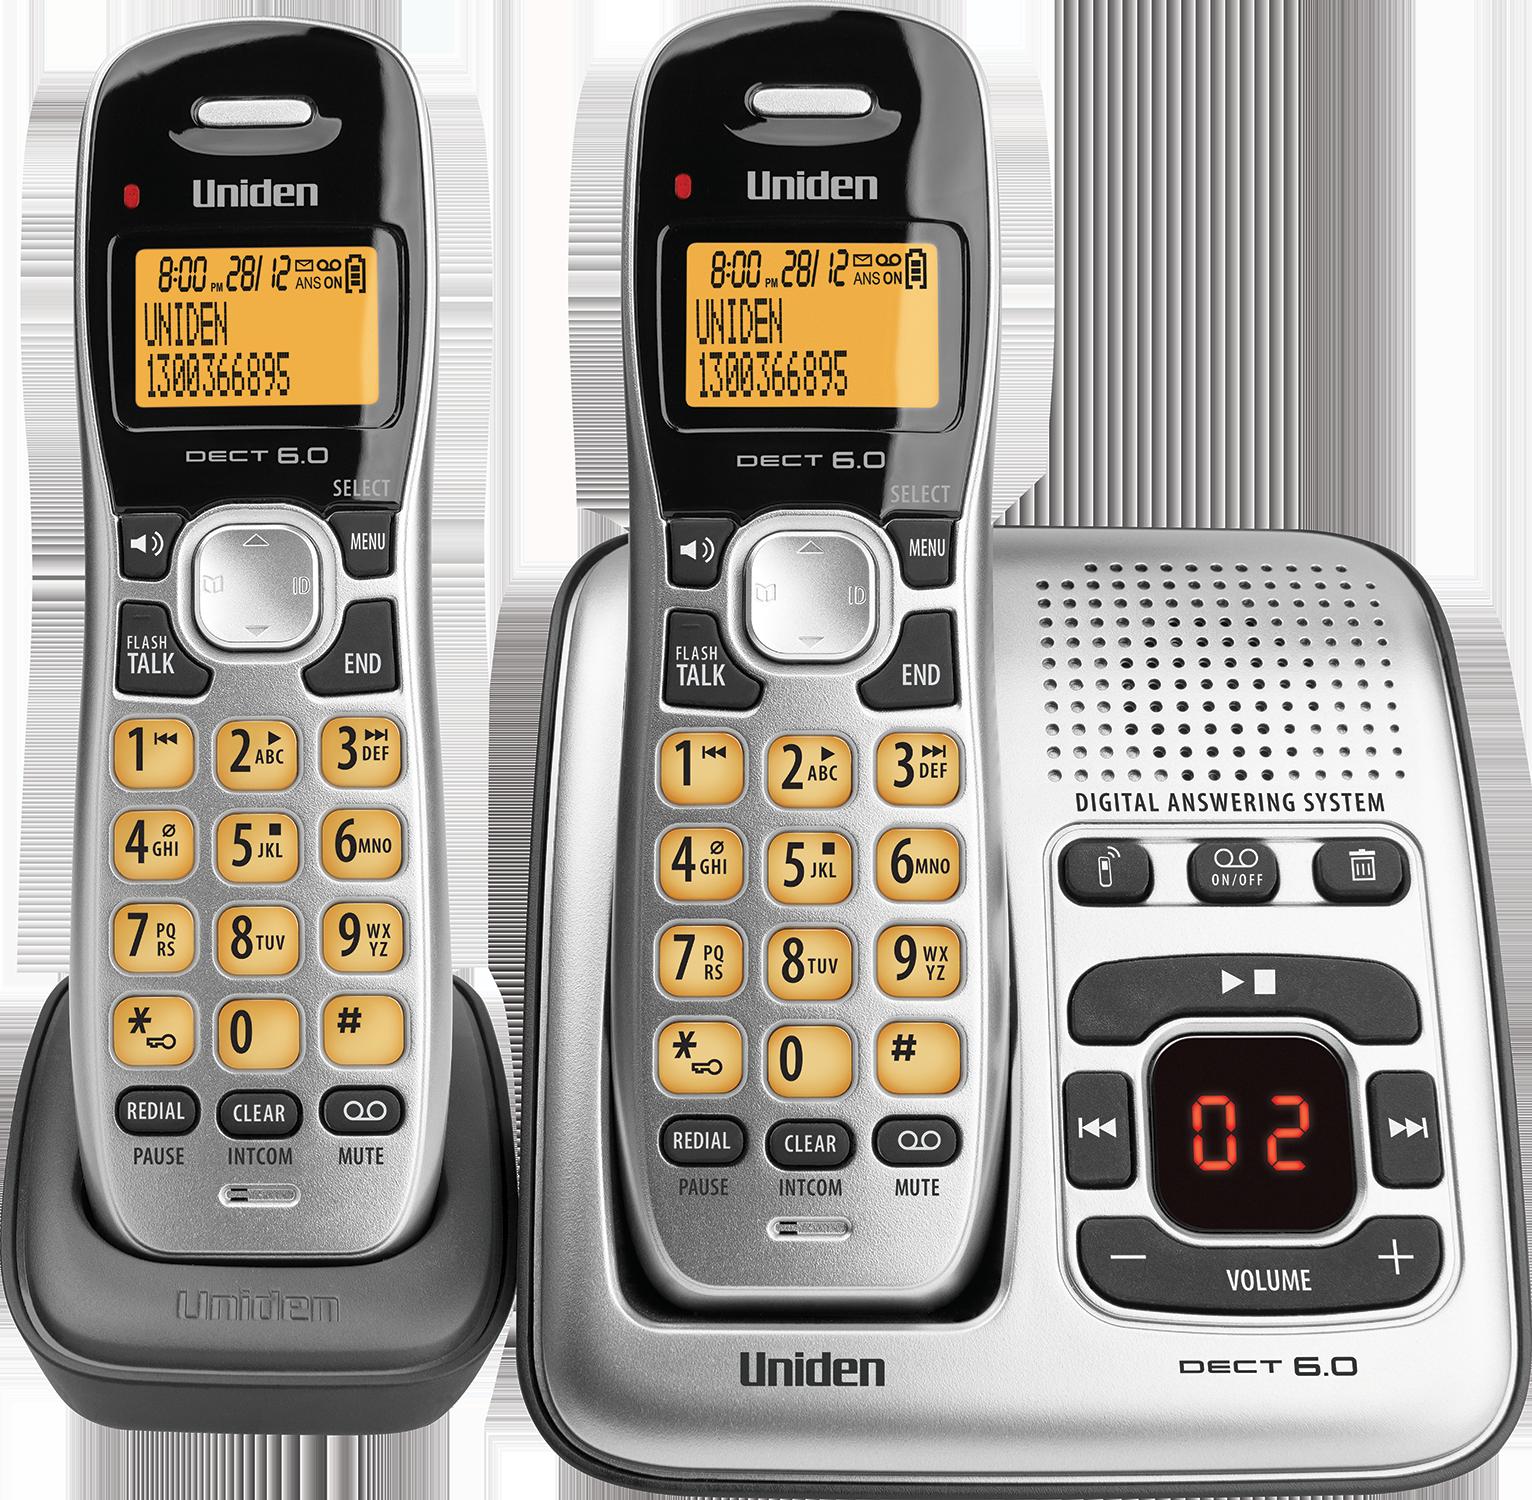 uniden phones manual download pdf uniden cordless phone manual 2.4 ghz uniden cordless phone manual 5.8 ghz